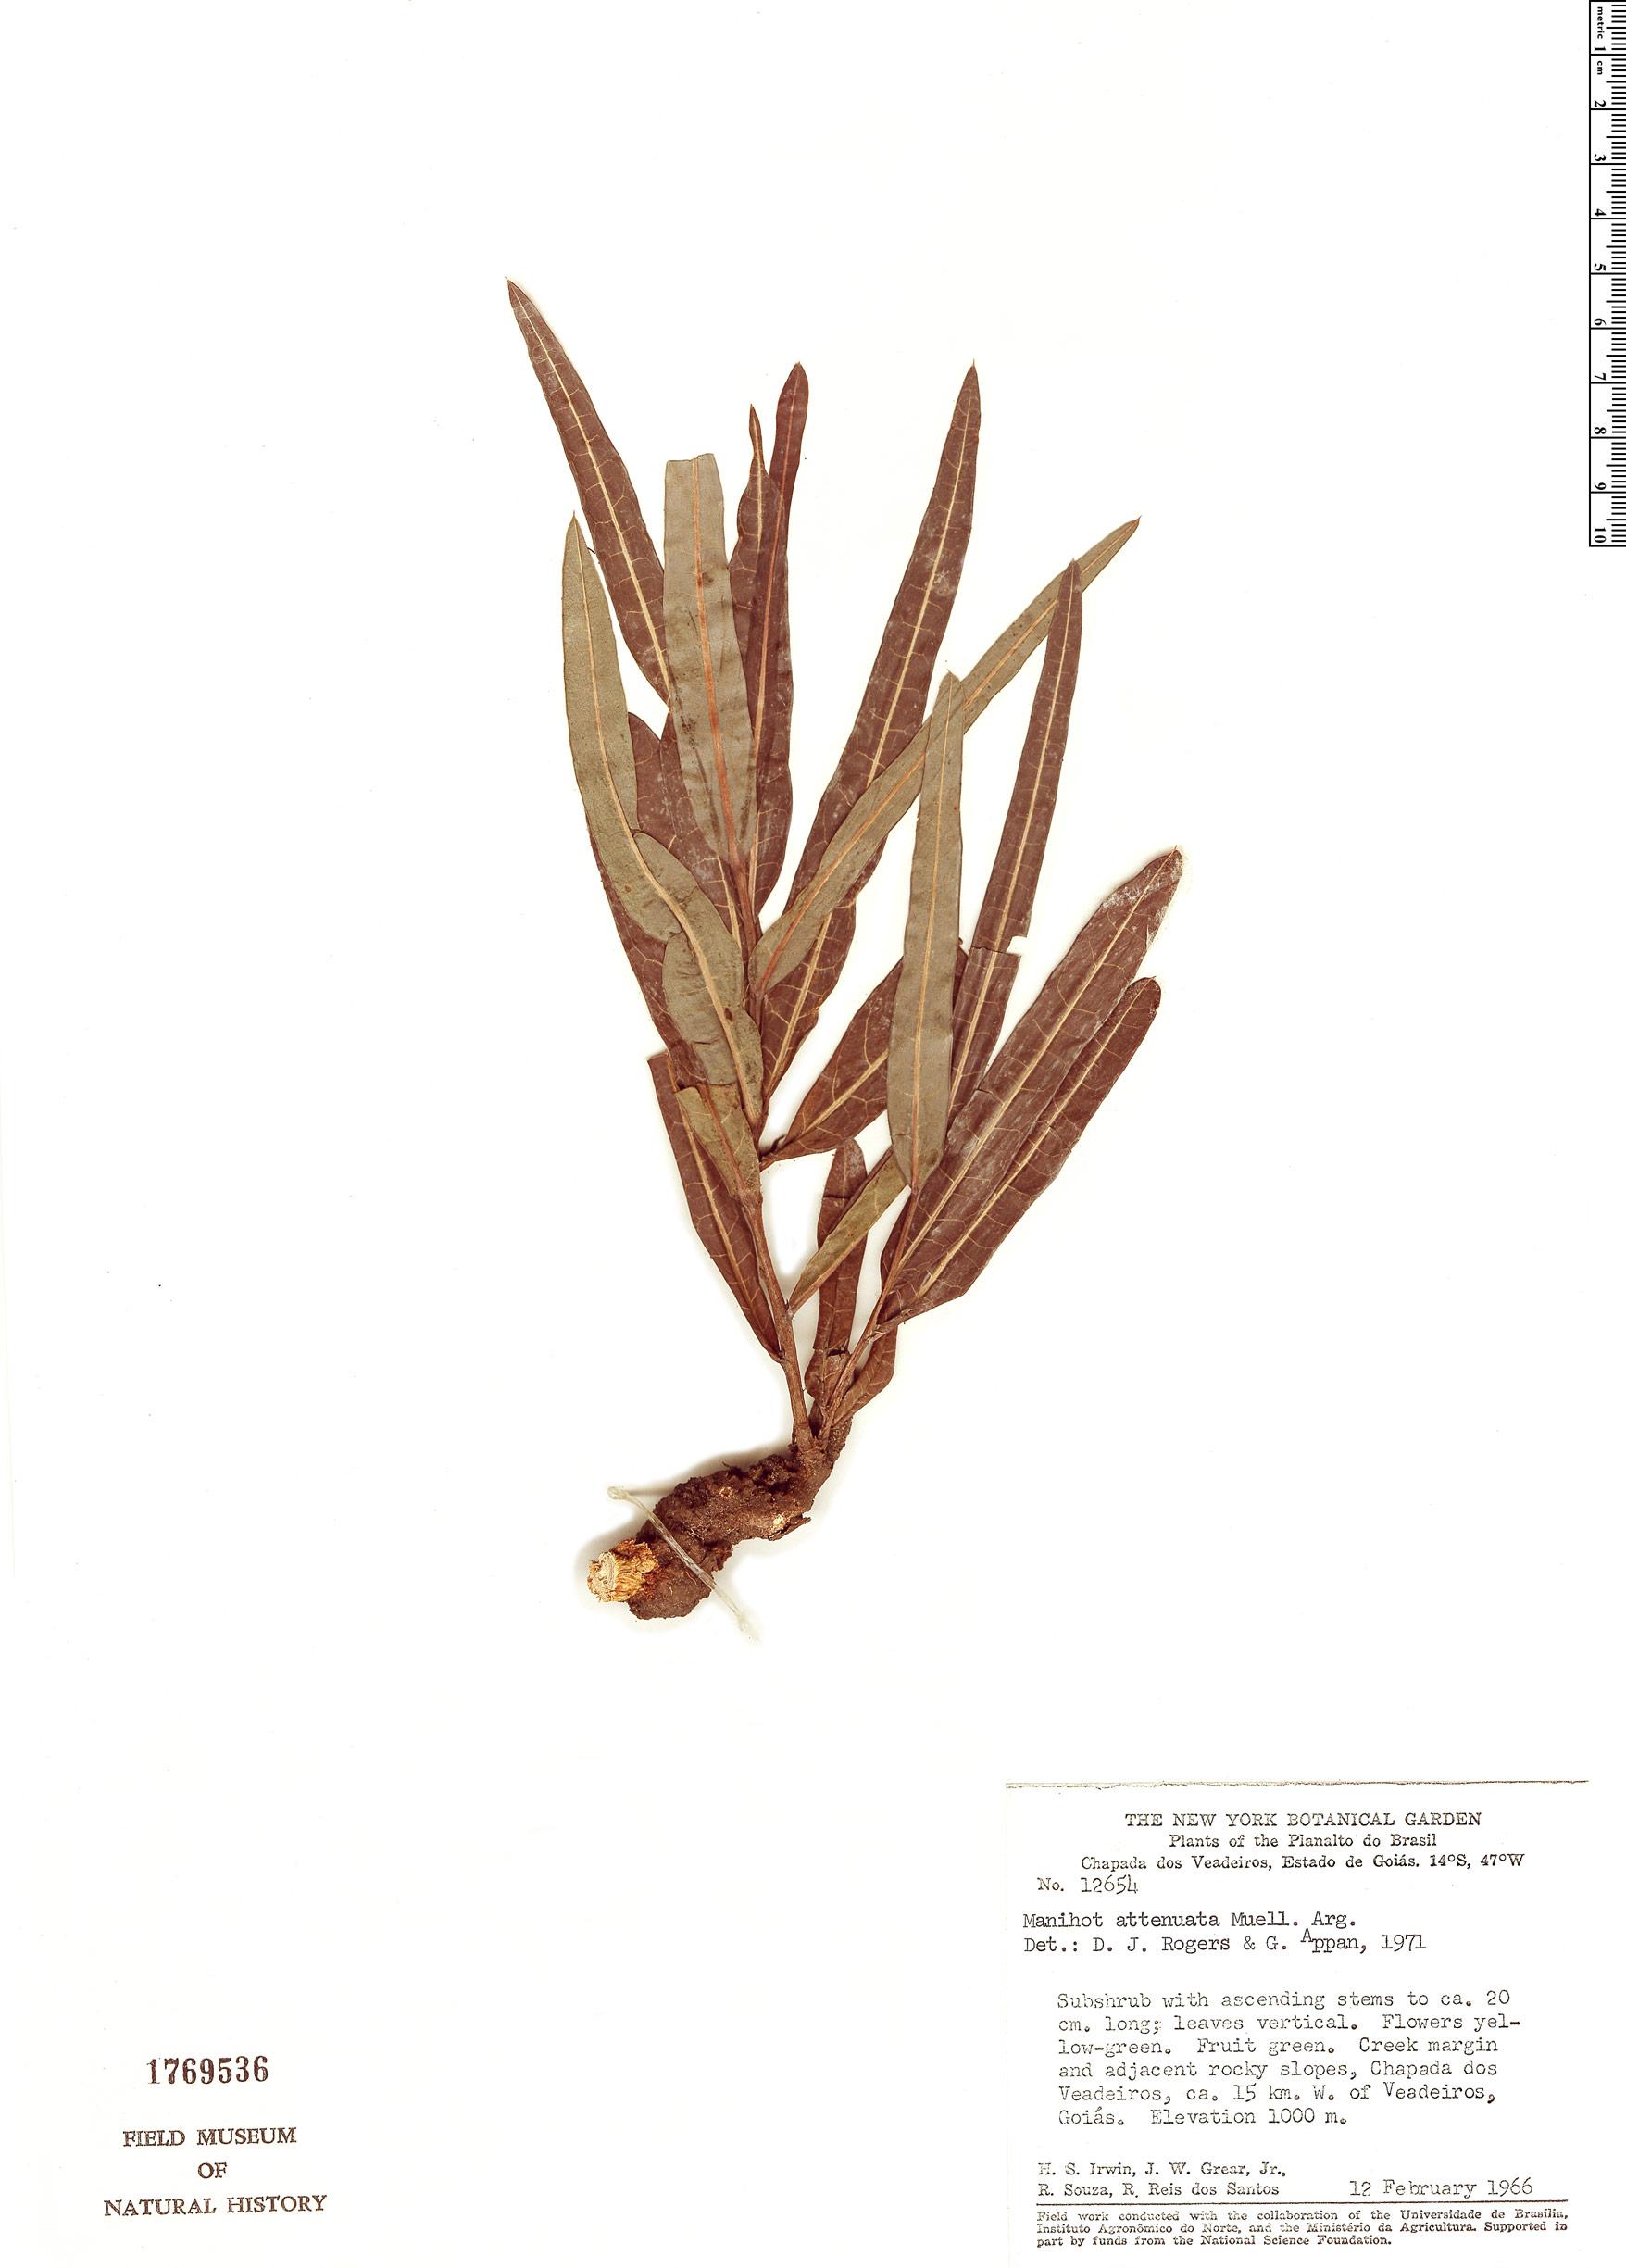 Specimen: Manihot attenuata